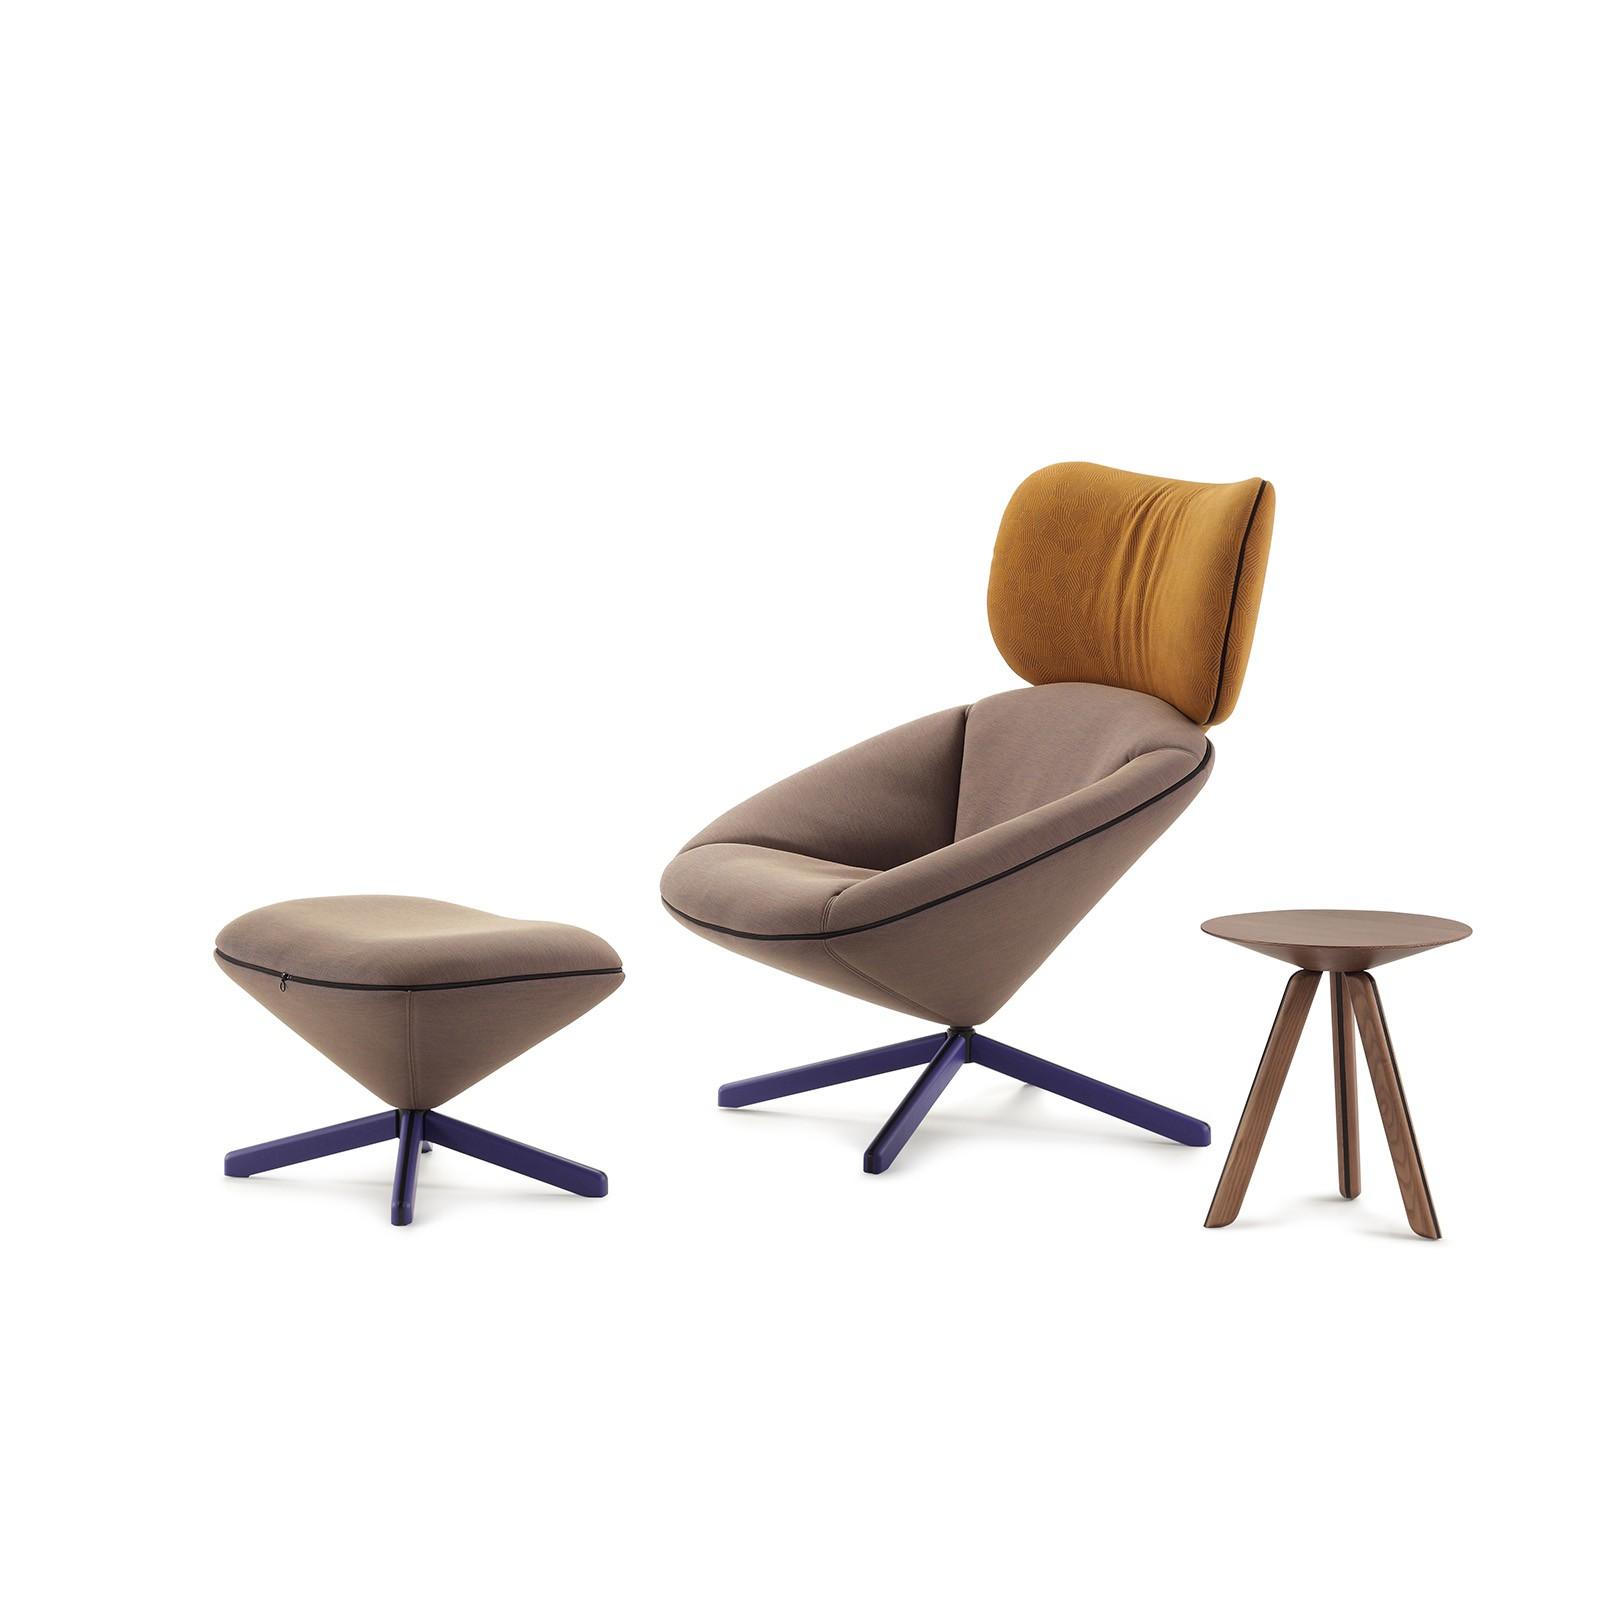 Darya girina interior design march 2015 - Panton Grande Rug Verpan By Verner Panton